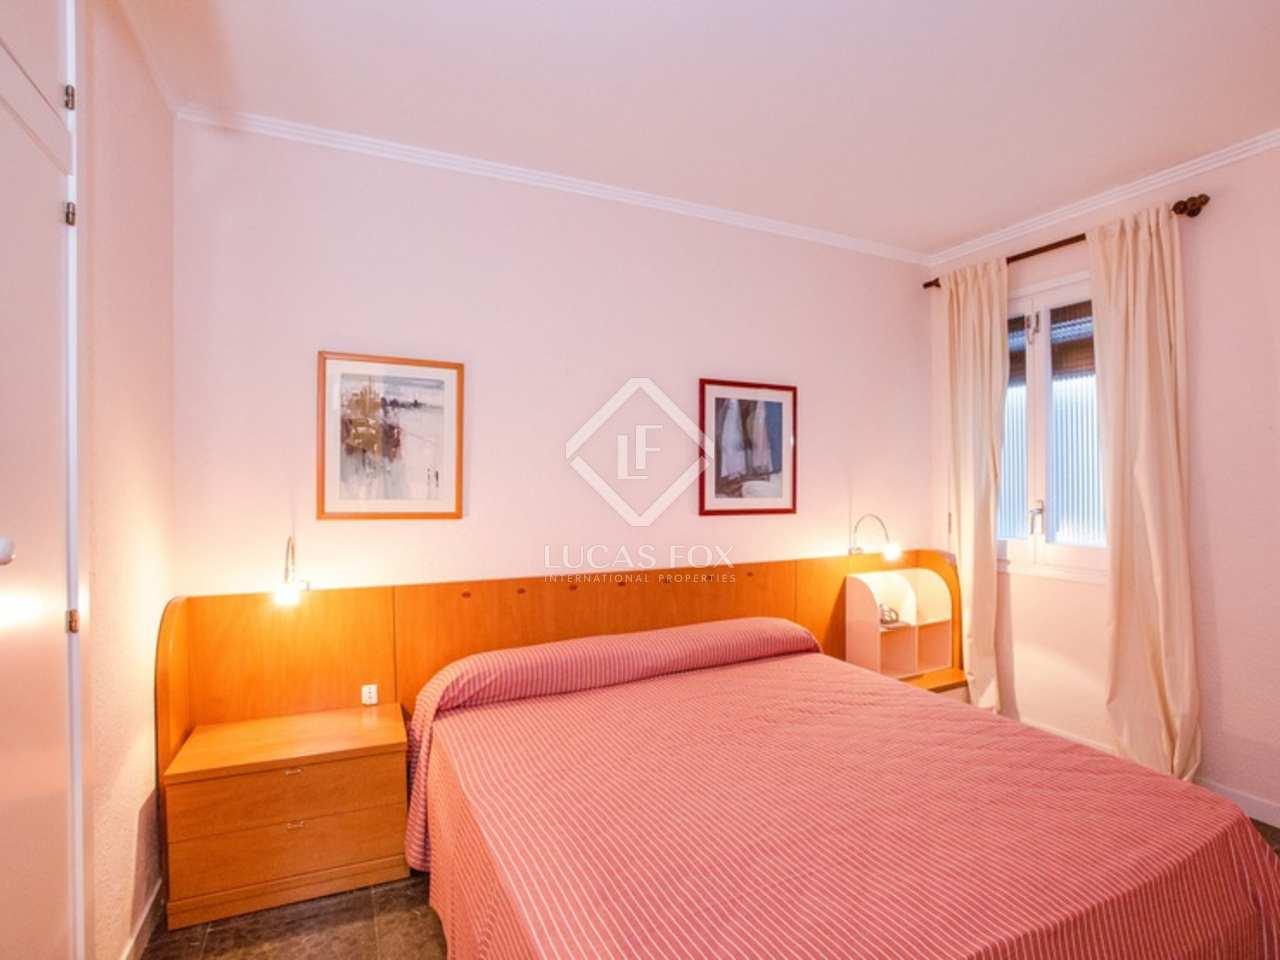 60m u00b2 Lägenhet till salu i Playa de Aro, Costa Brava